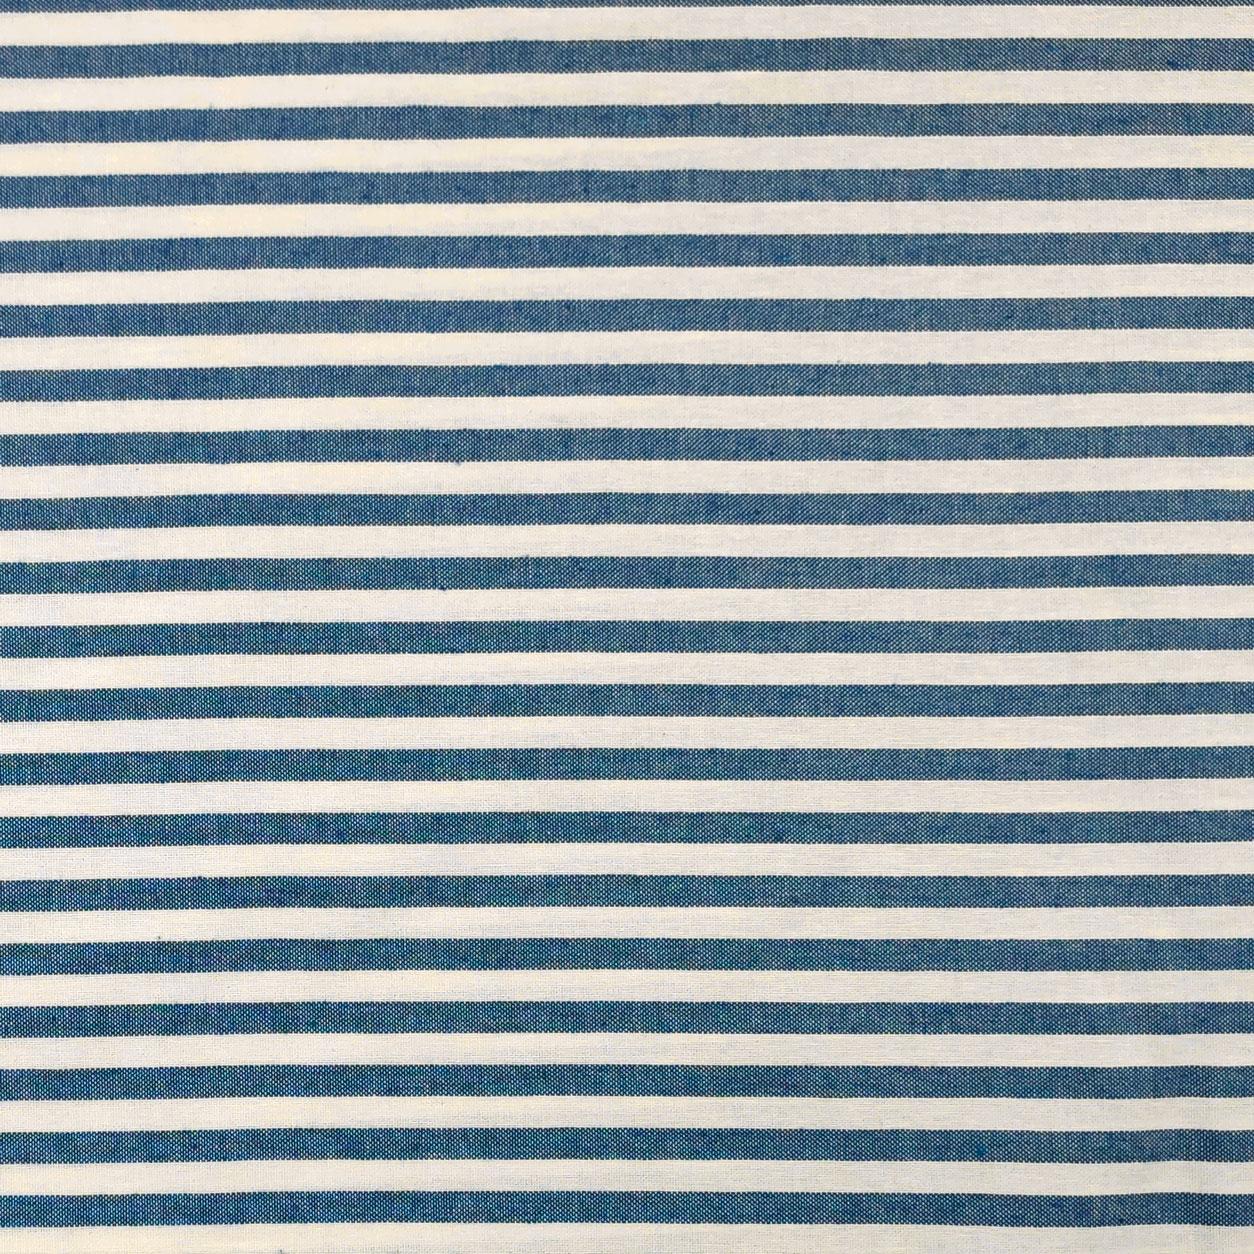 Tessuto Panama Tinto In Filo a Righe Blu Scuro